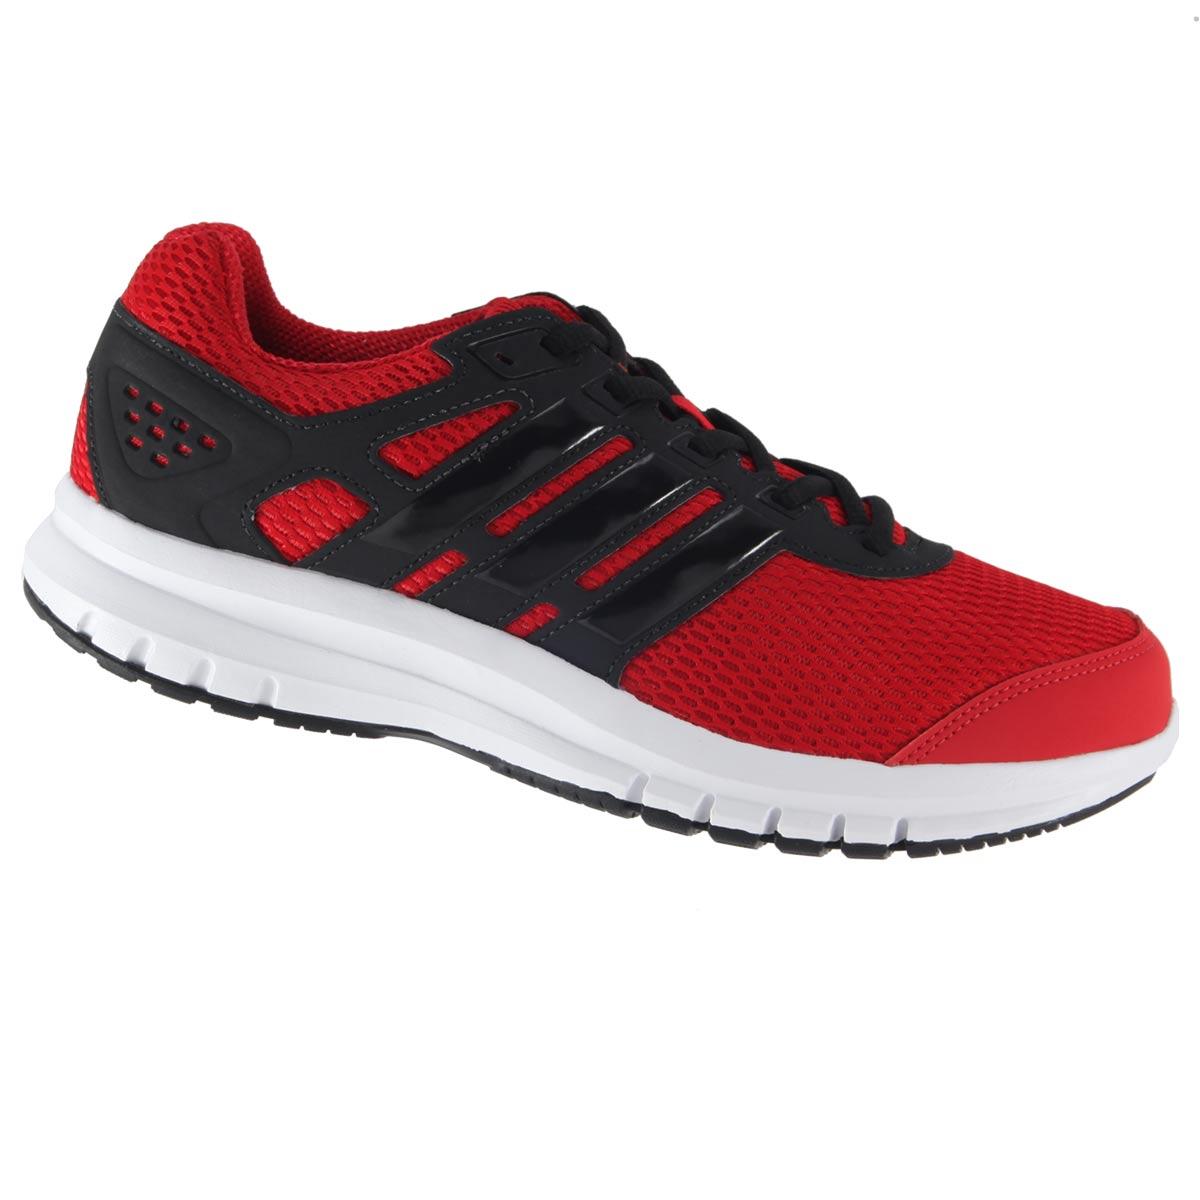 Tênis Adidas Duramo Lite Masculino Caminhada Corrida